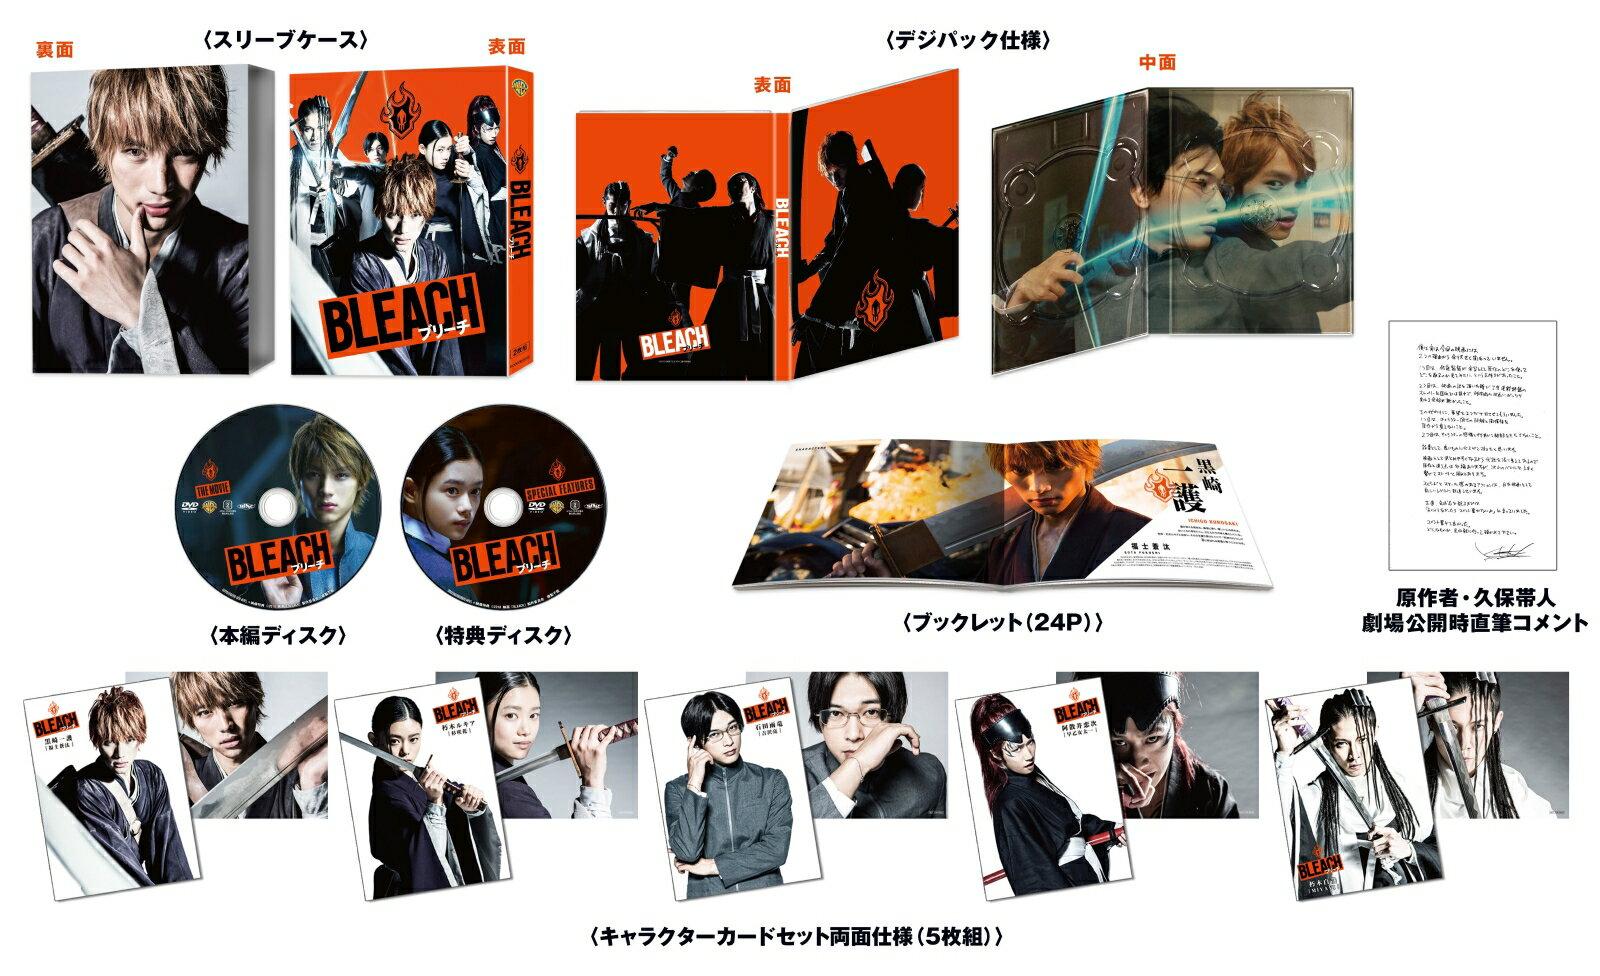 BLEACH DVD プレミアム・エディション(初回仕様)画像